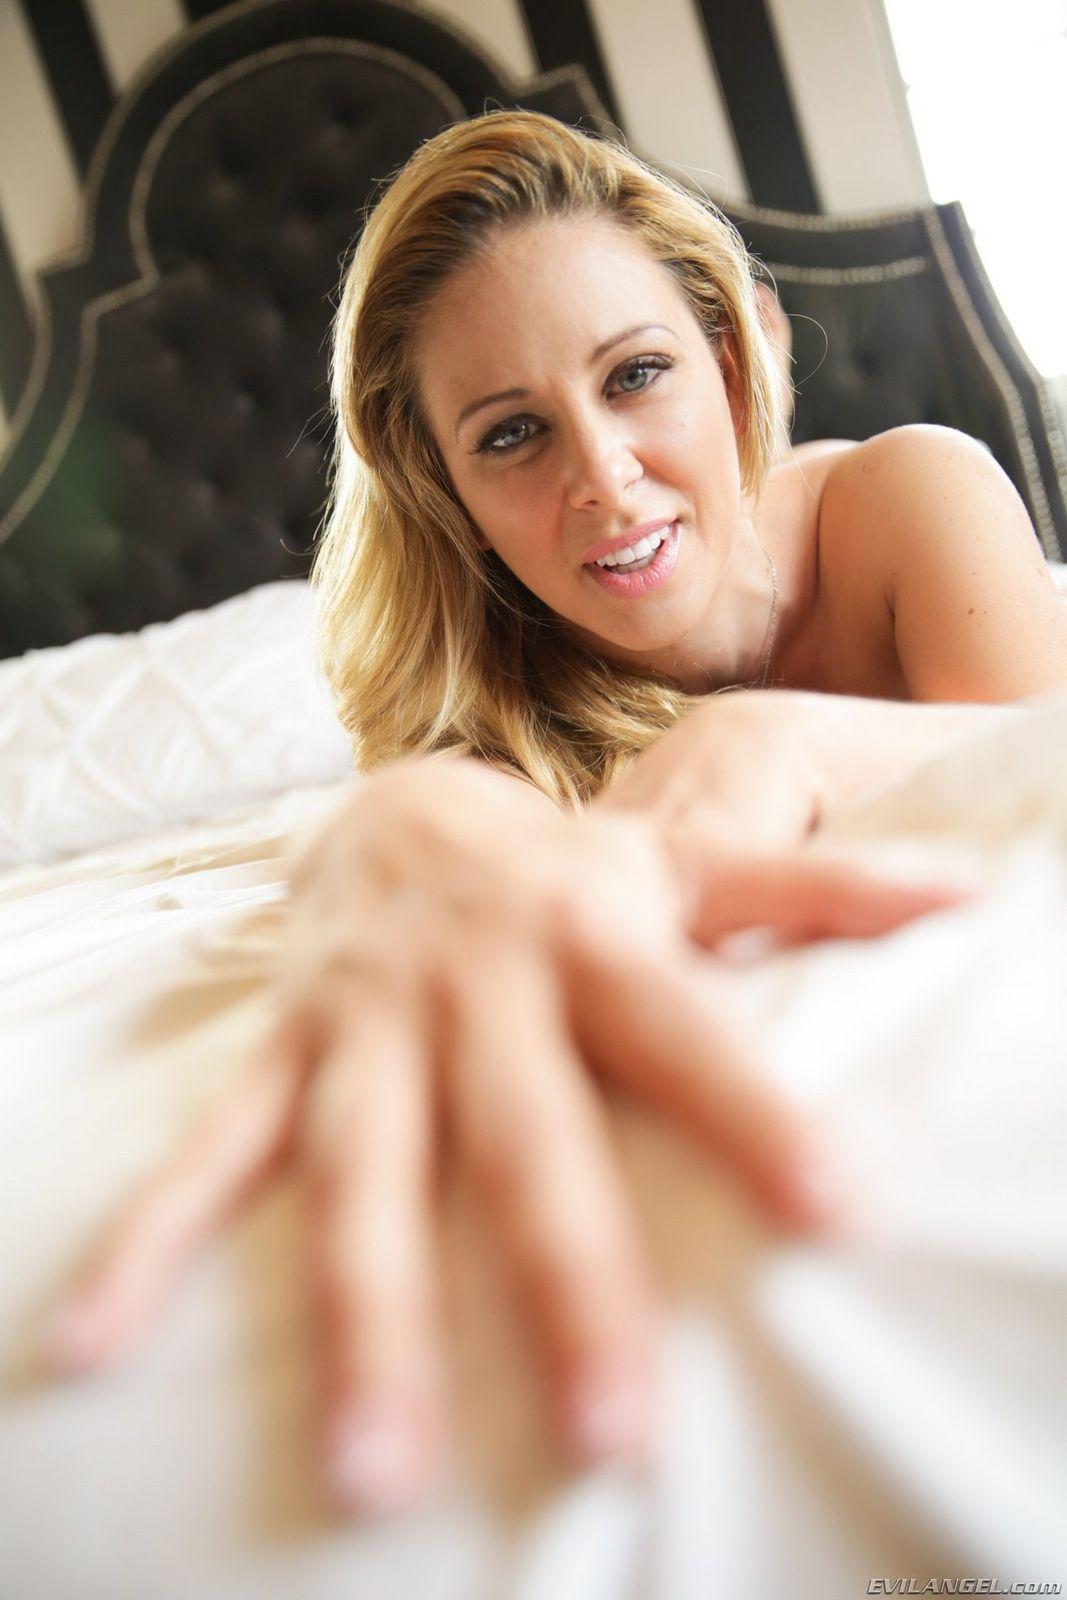 Привлекательная светловолосая девушка принимает различные эротические позы, чтобы соблазнить своим видом любого мужчину